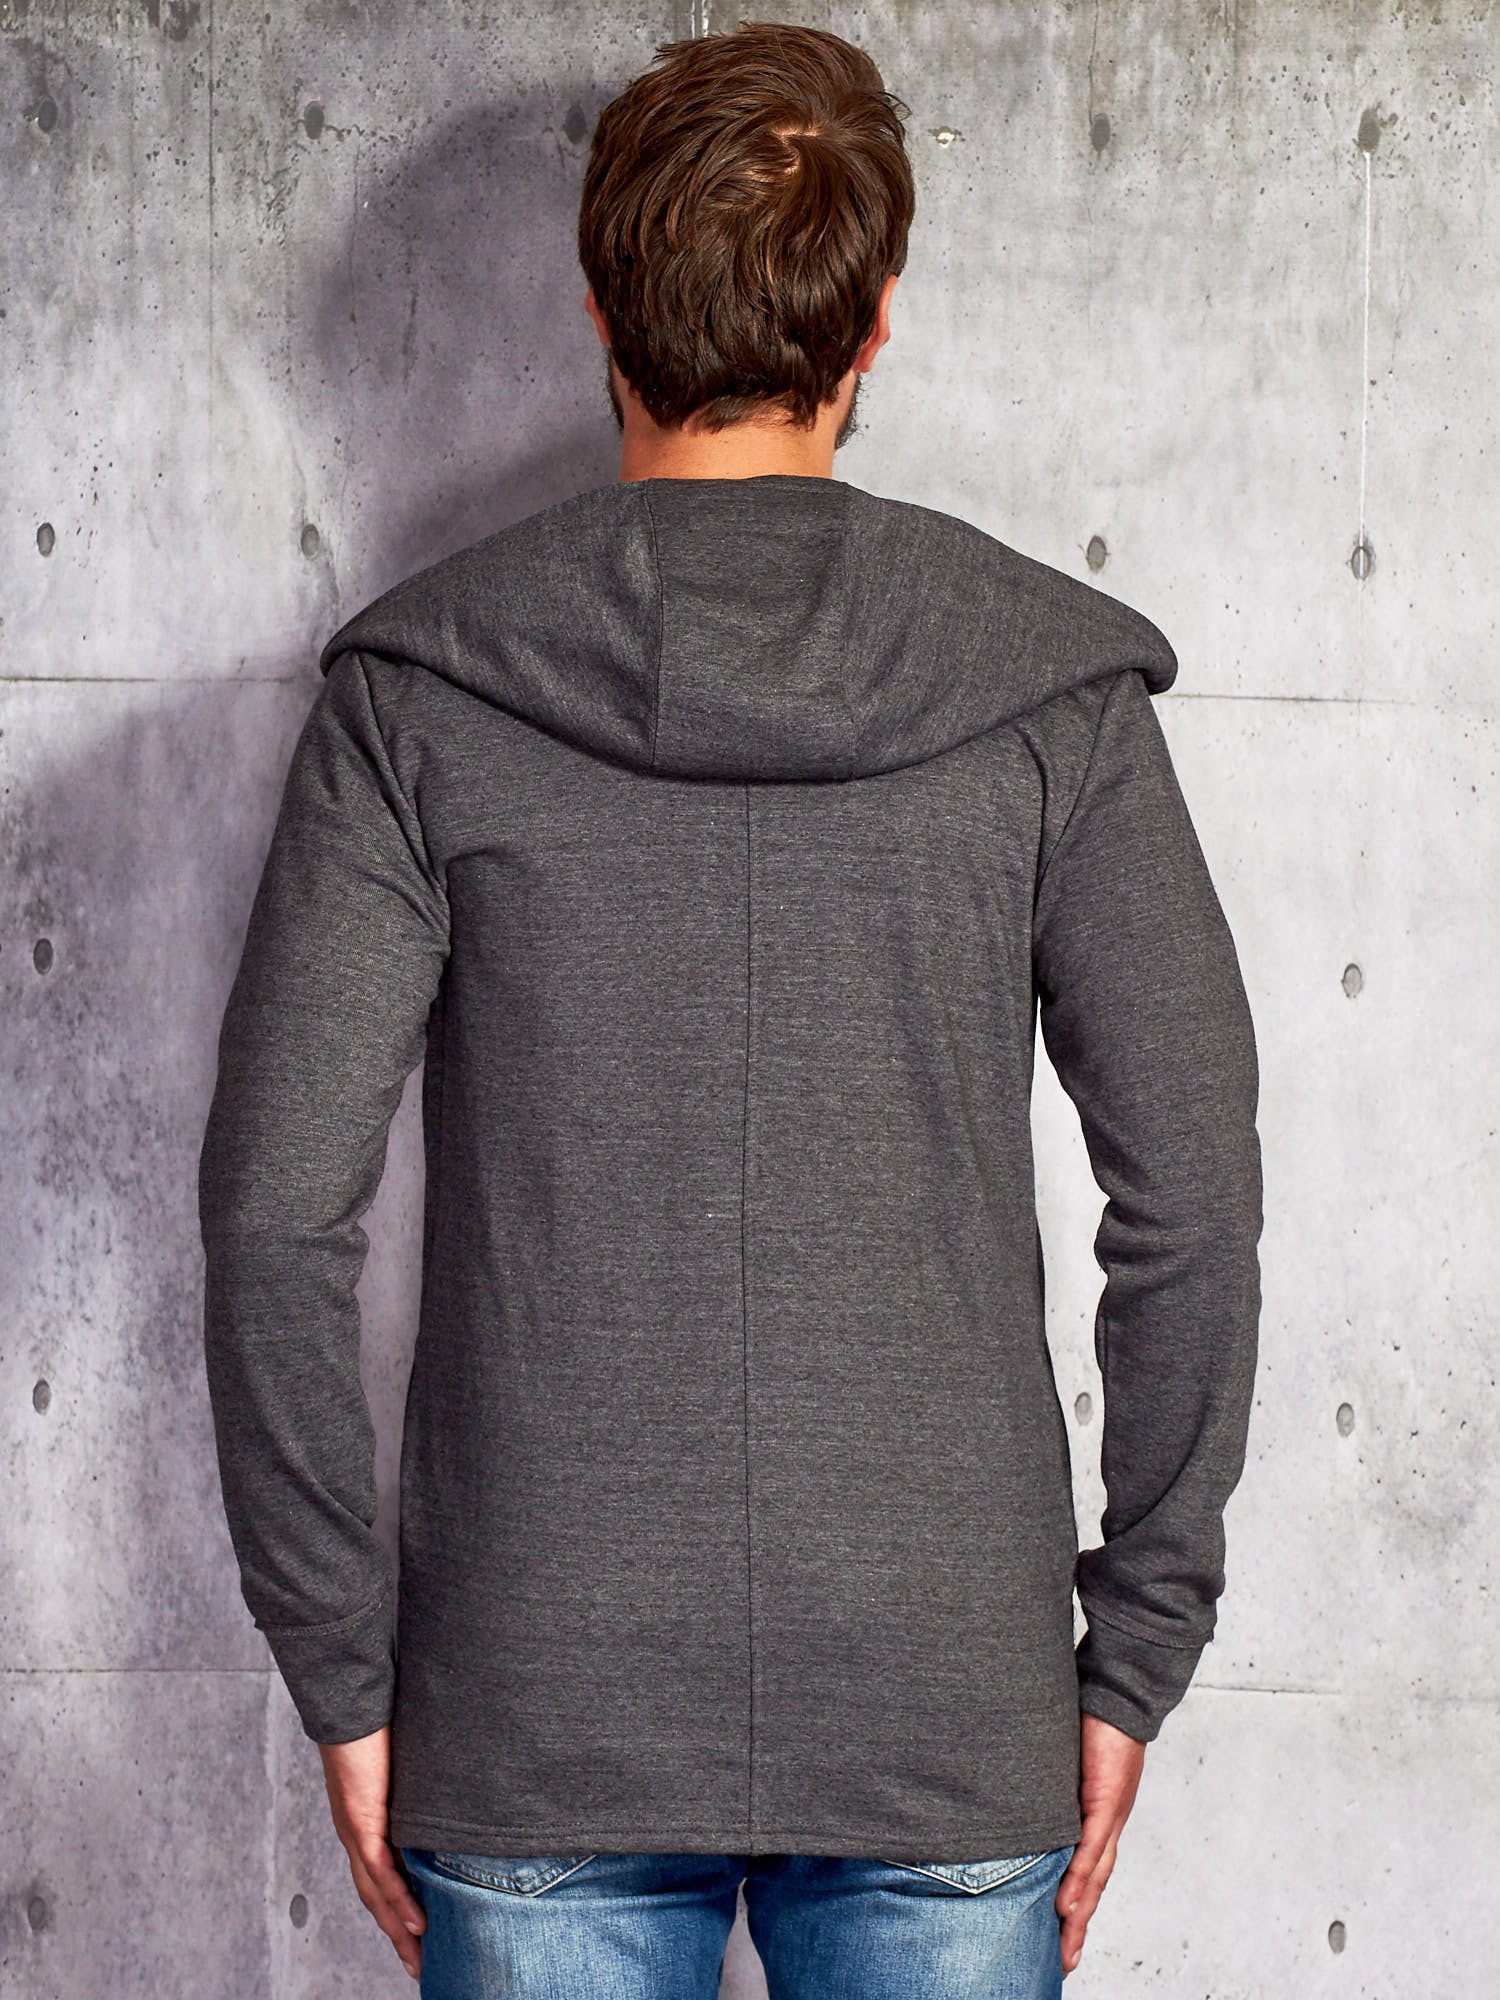 da0c530334 Ciemnoszara bluza męska z asymetrycznym suwakiem - Mężczyźni bluza ...